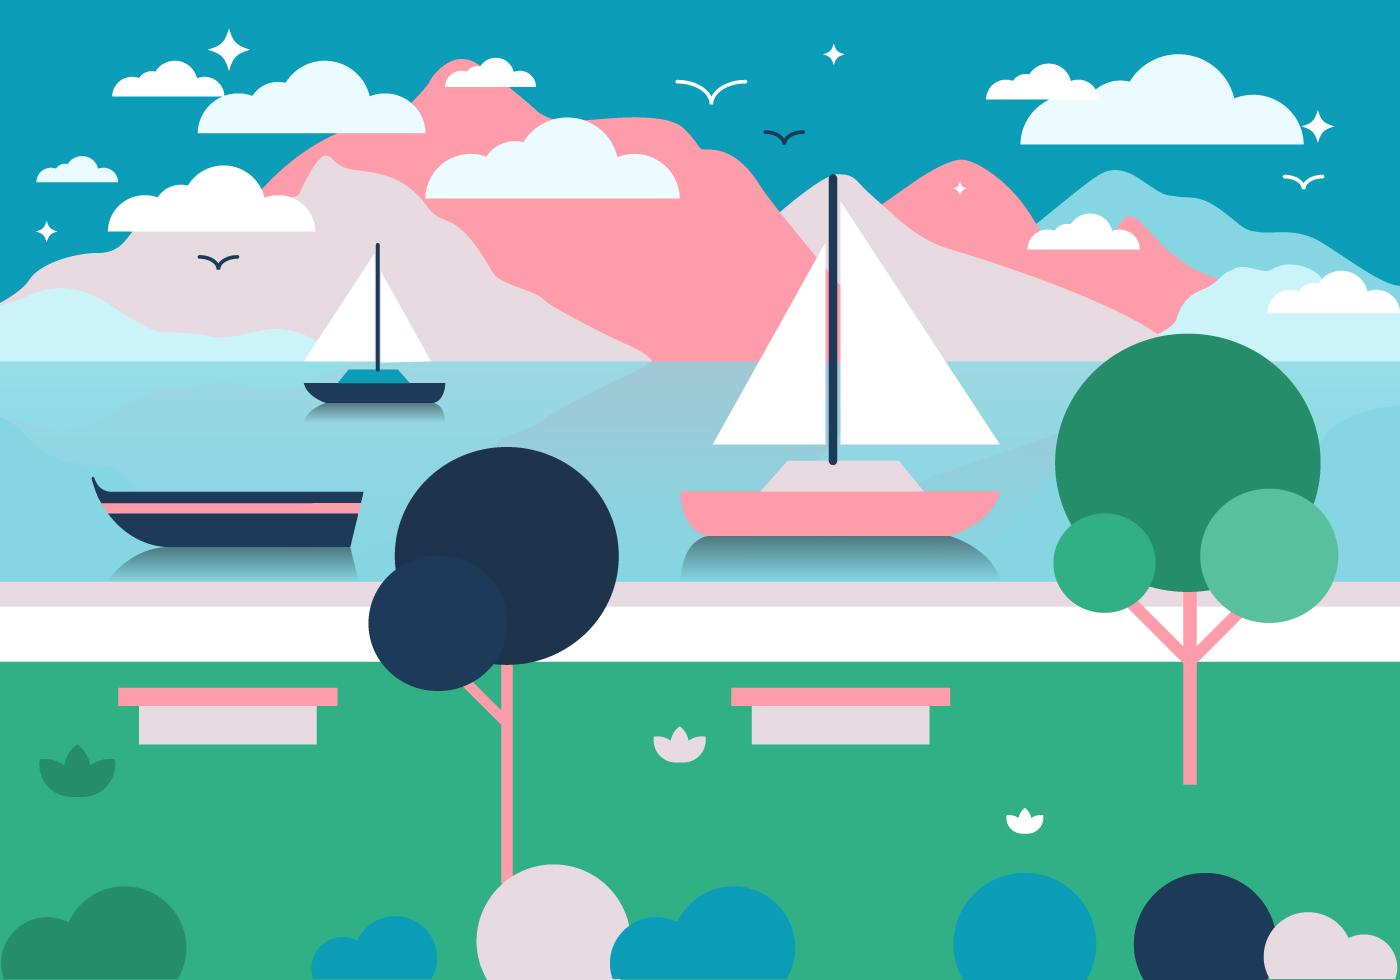 Landscape Illustration Vector Free: Free Landscape Vector Illustration